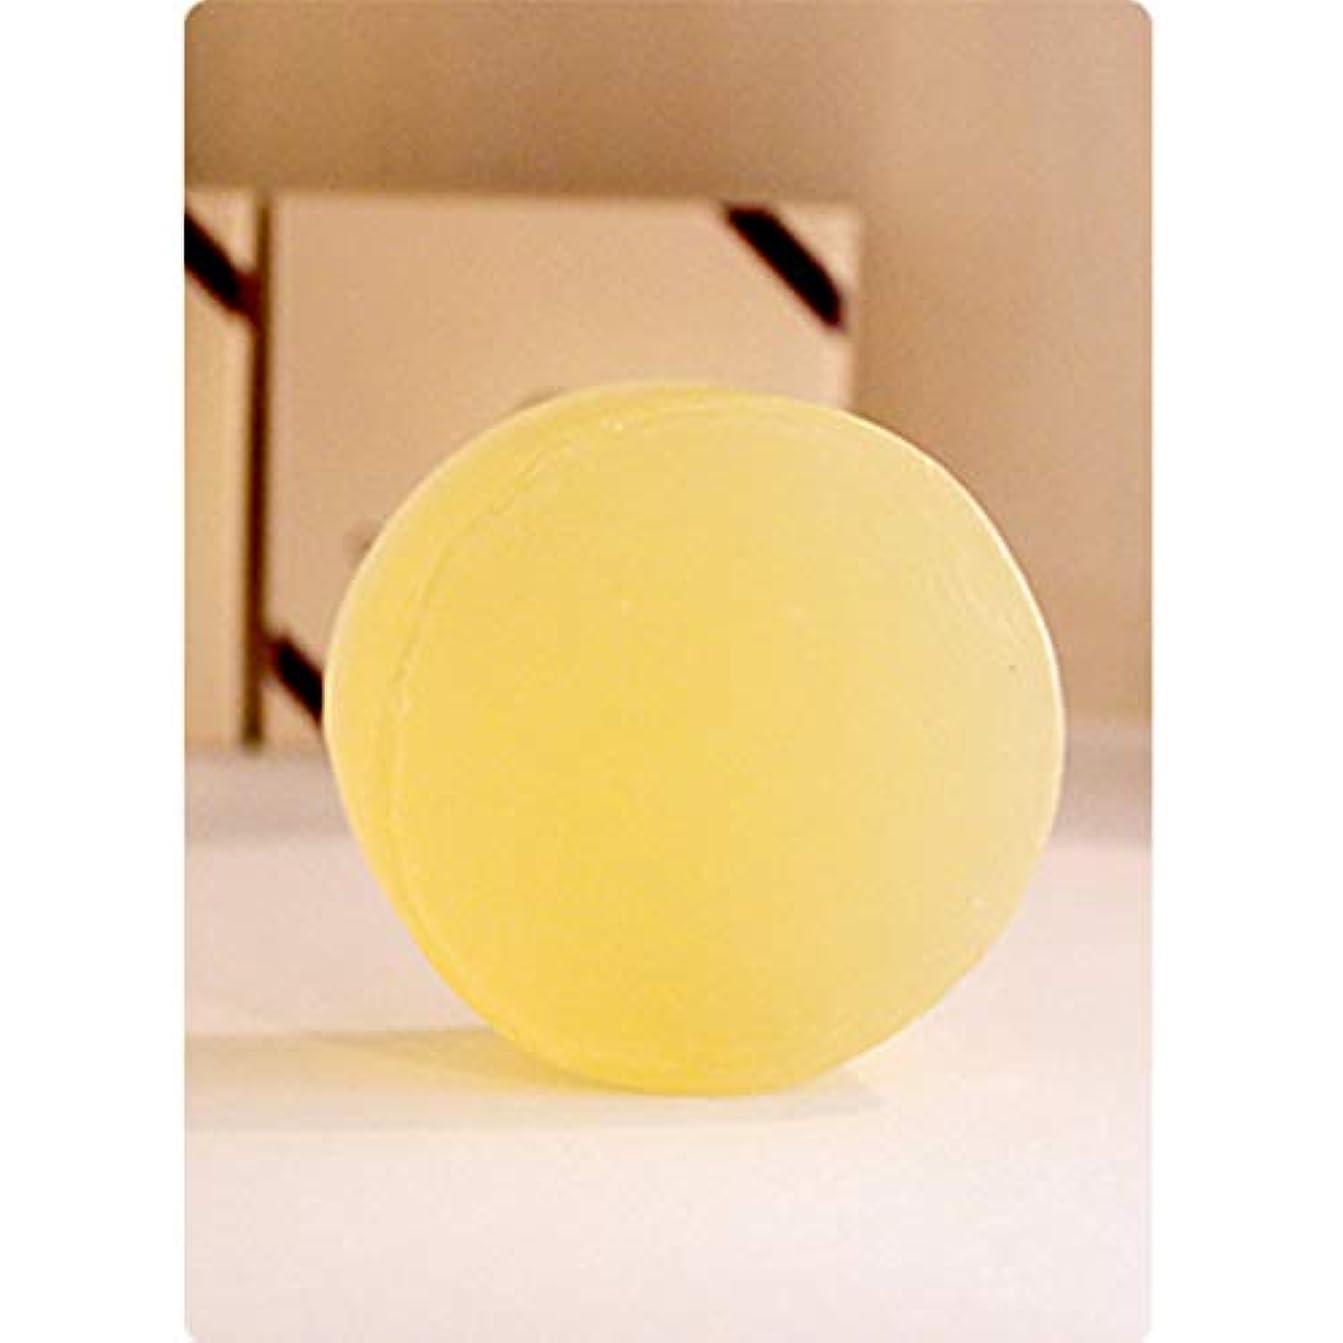 コラーゲンアロマソープ 80g×3本 香りよく一日の疲れを癒してくれるアロマ石鹸